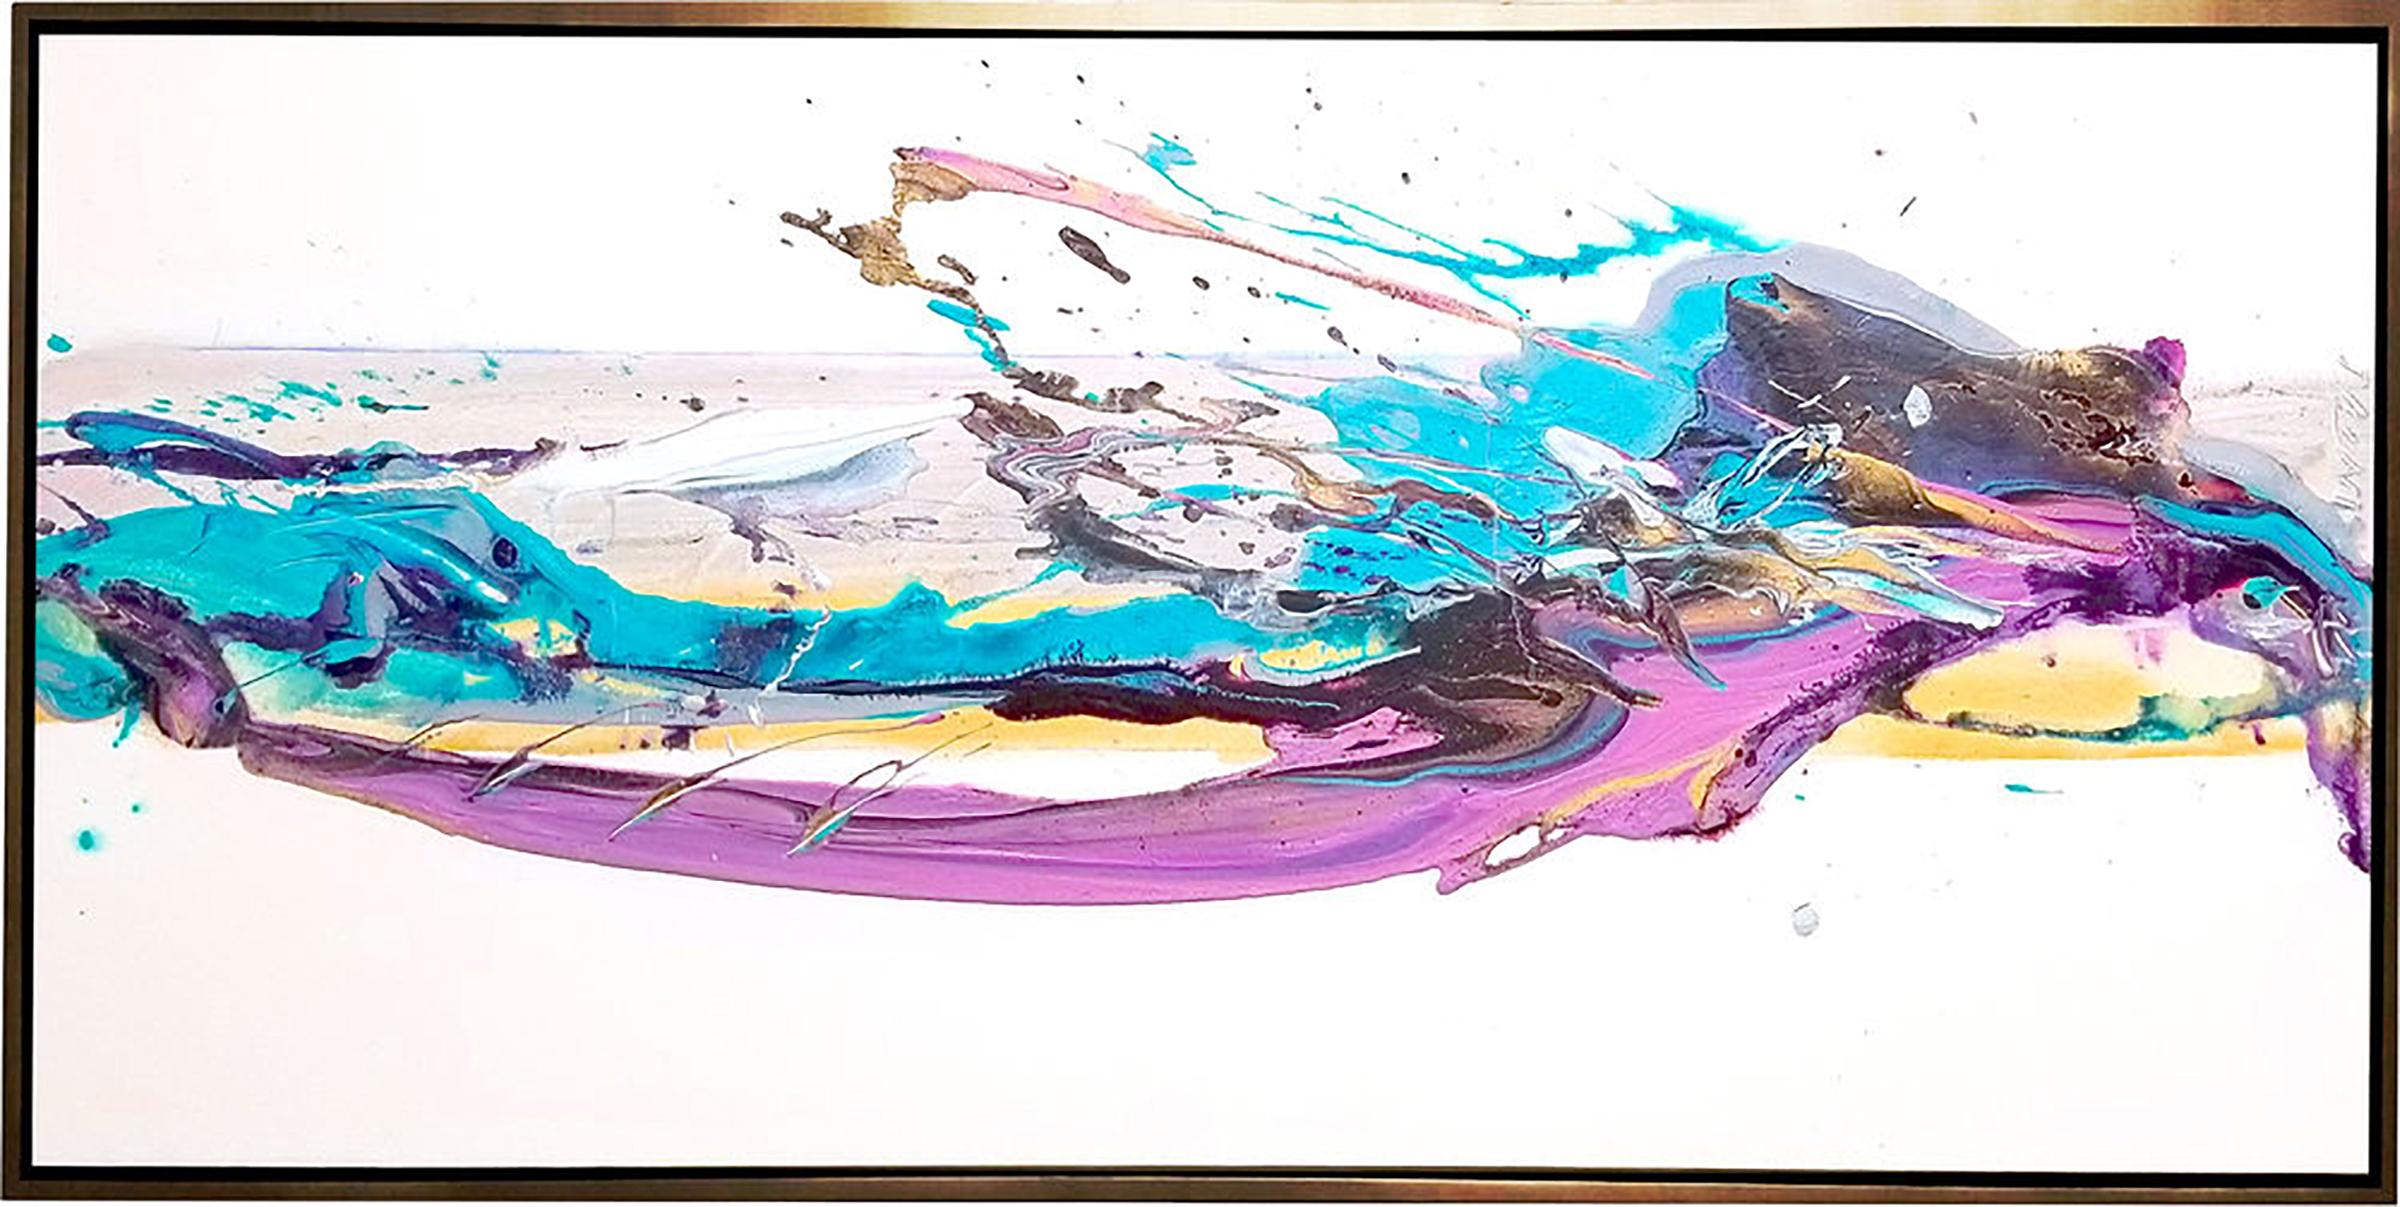 """SP² #63, 2018, acrylic on canvas, 24"""" x 60"""" (60.9 x 152.4 cm)"""